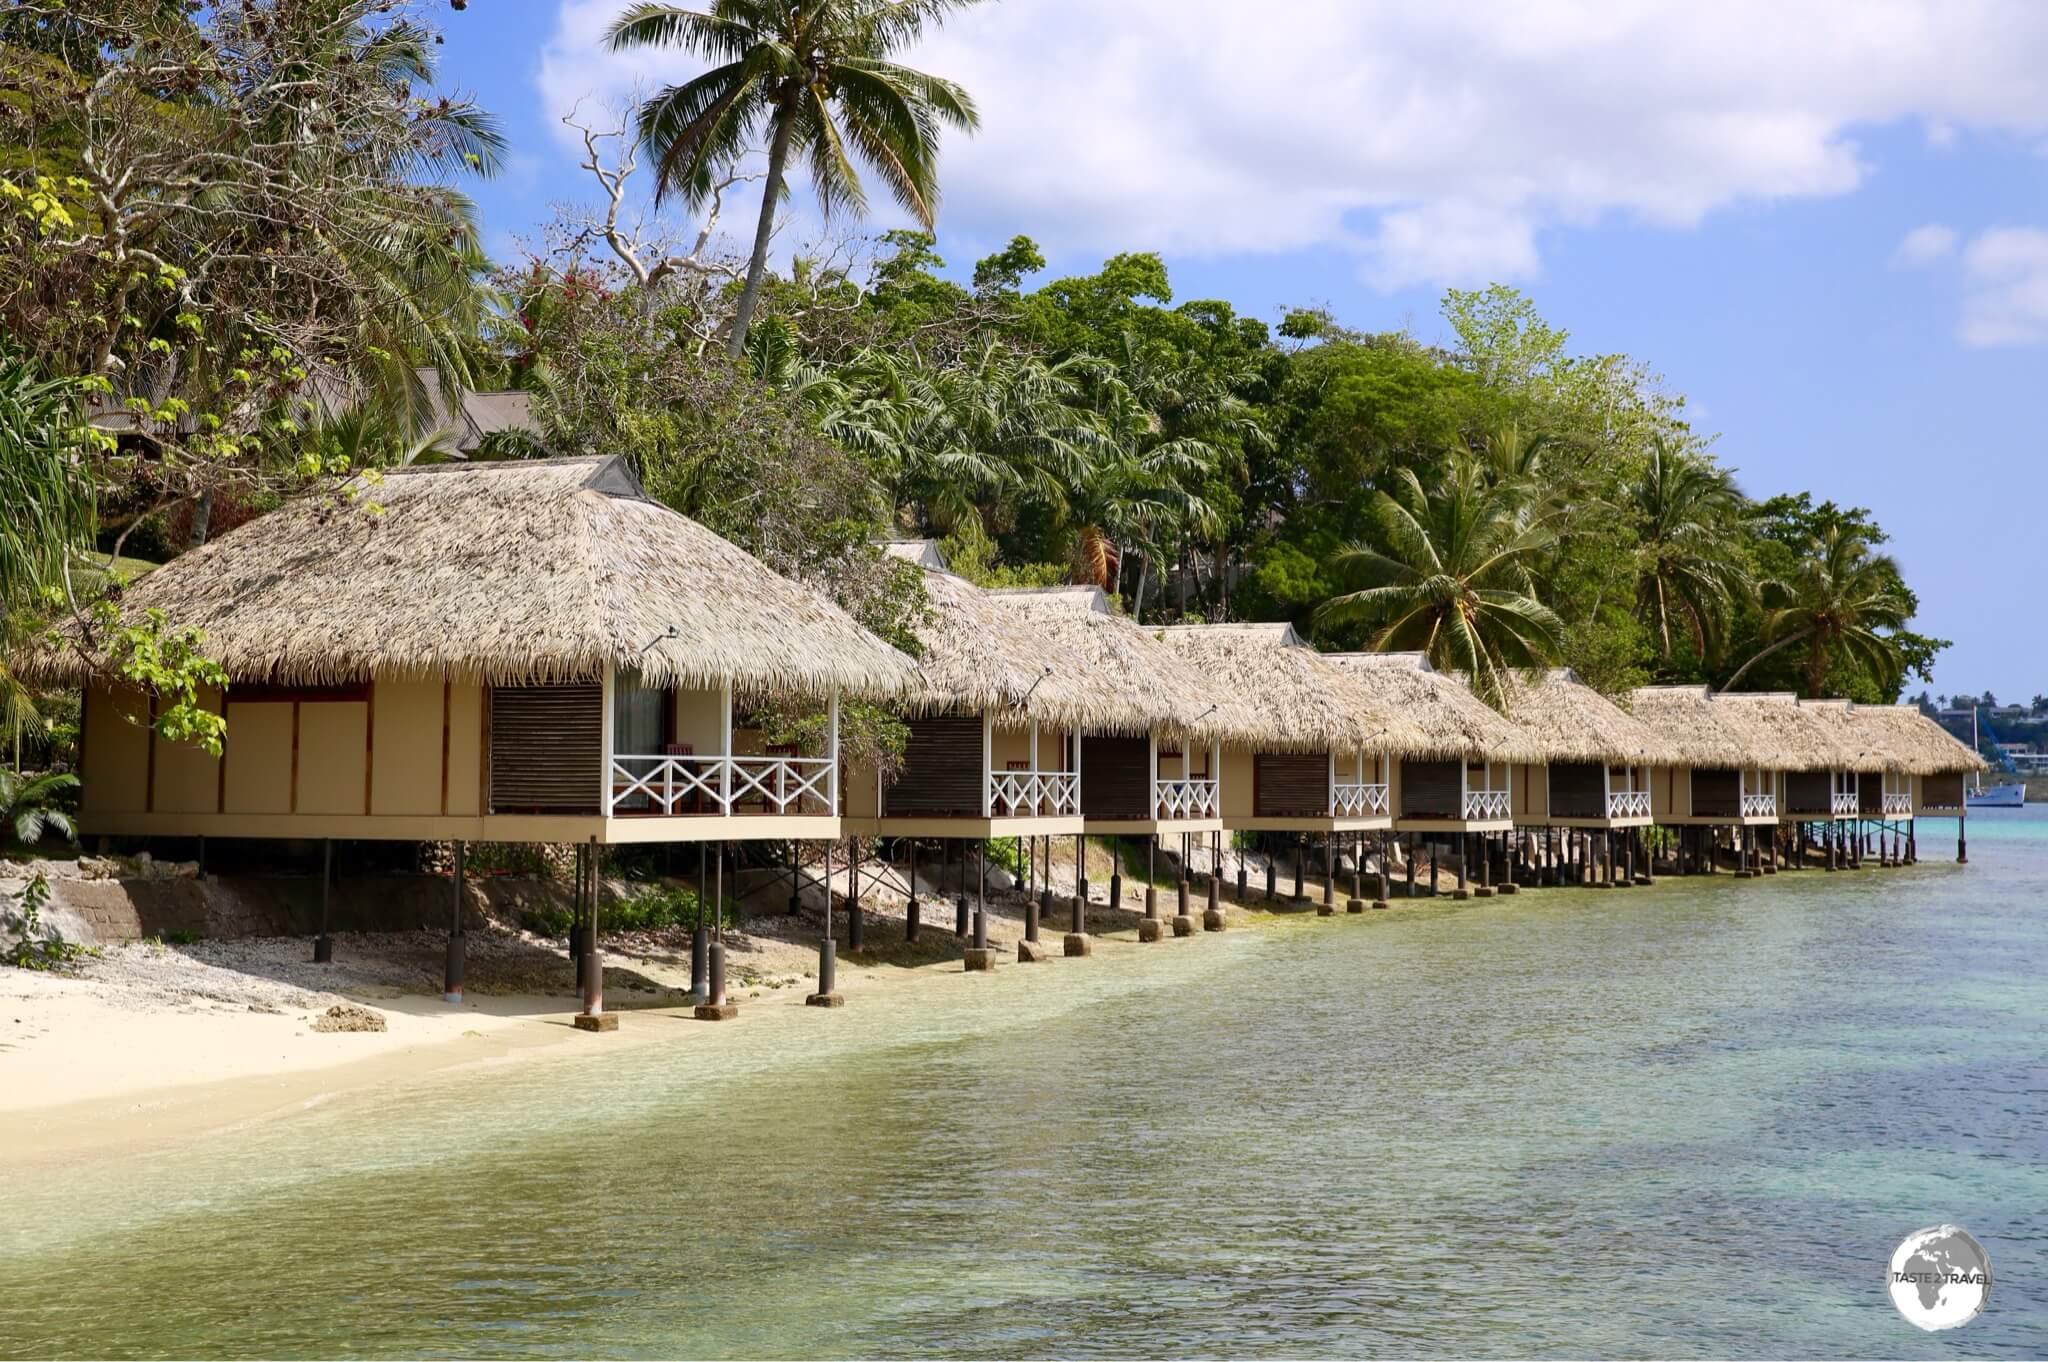 Waterfront bungalows at Iririki Resort & Spa in Port Vila.